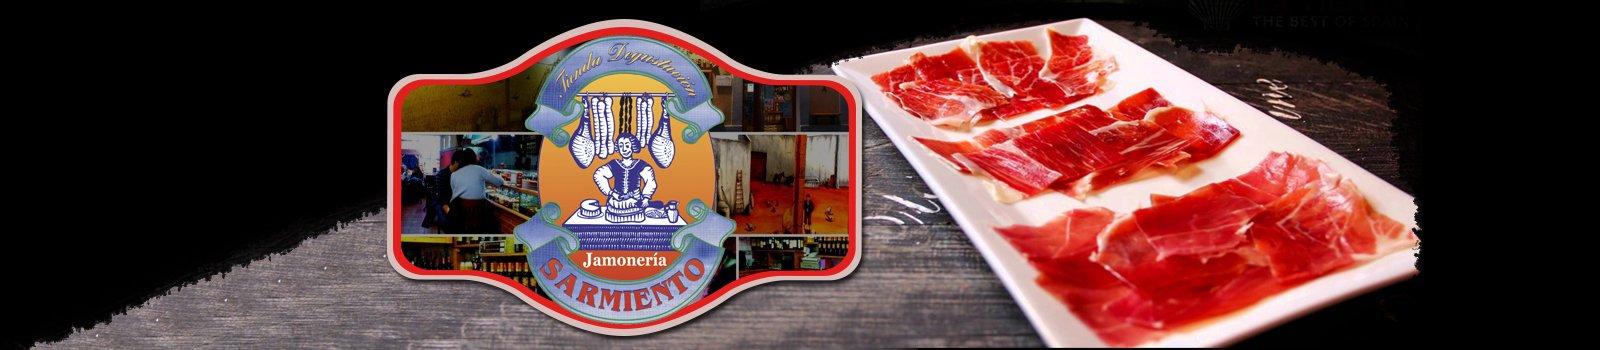 Jamonería, Bar, Valladolid, Sarmiento